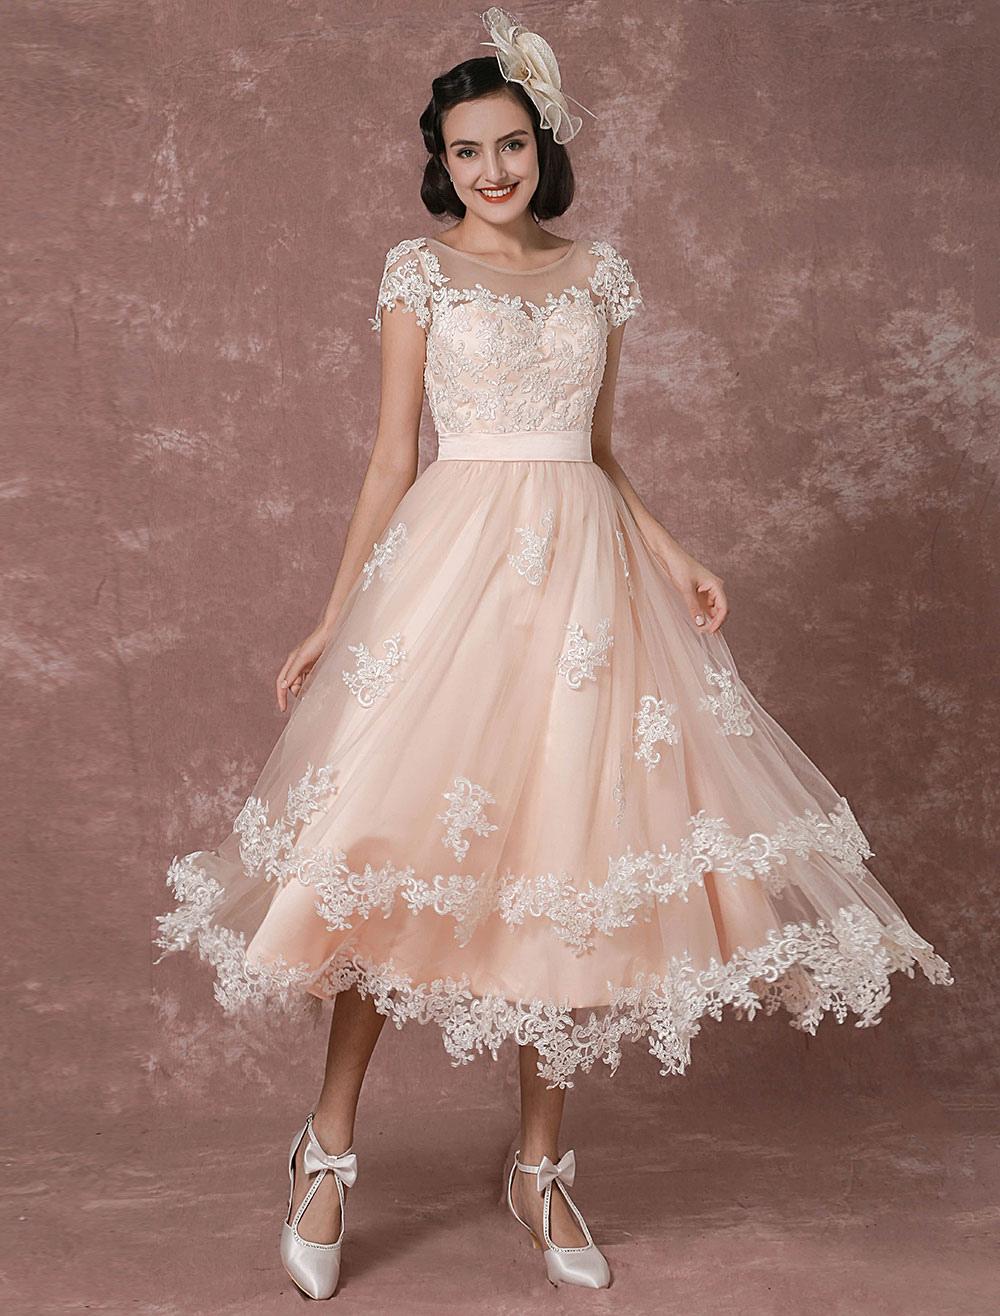 wedding dress short vintage bridal dress backless illusion lace applique tea length a line. Black Bedroom Furniture Sets. Home Design Ideas